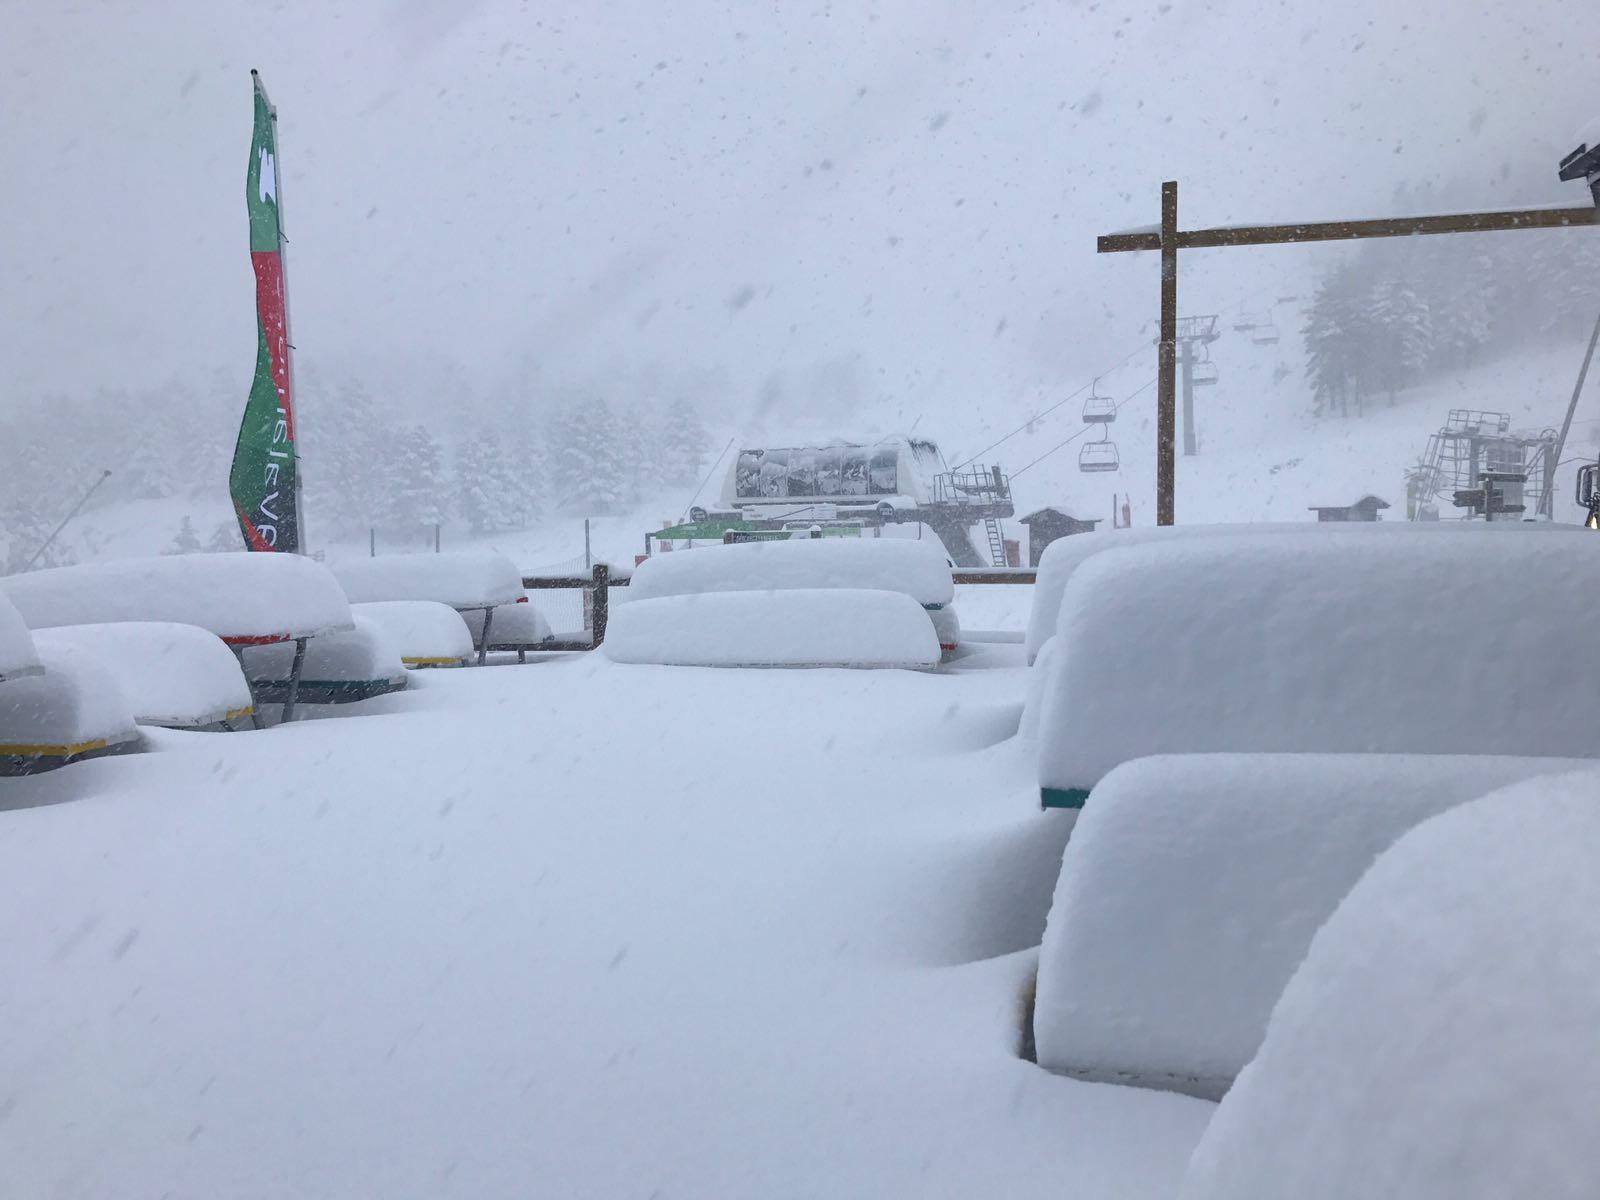 ¡San José llega con nieve fresca para disfrutar de las estaciones de Teruel!